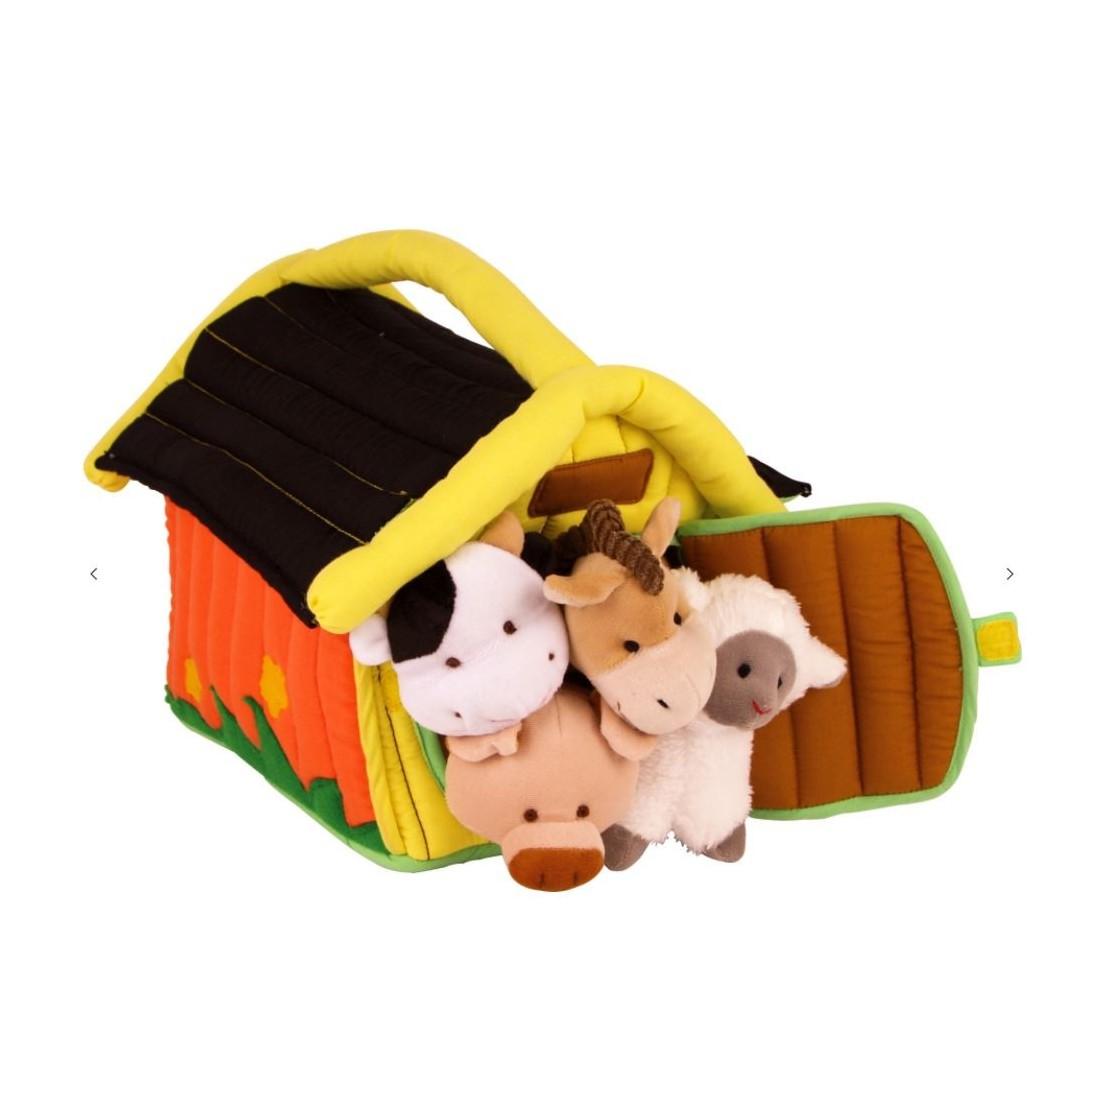 jouet doudou ferme textile